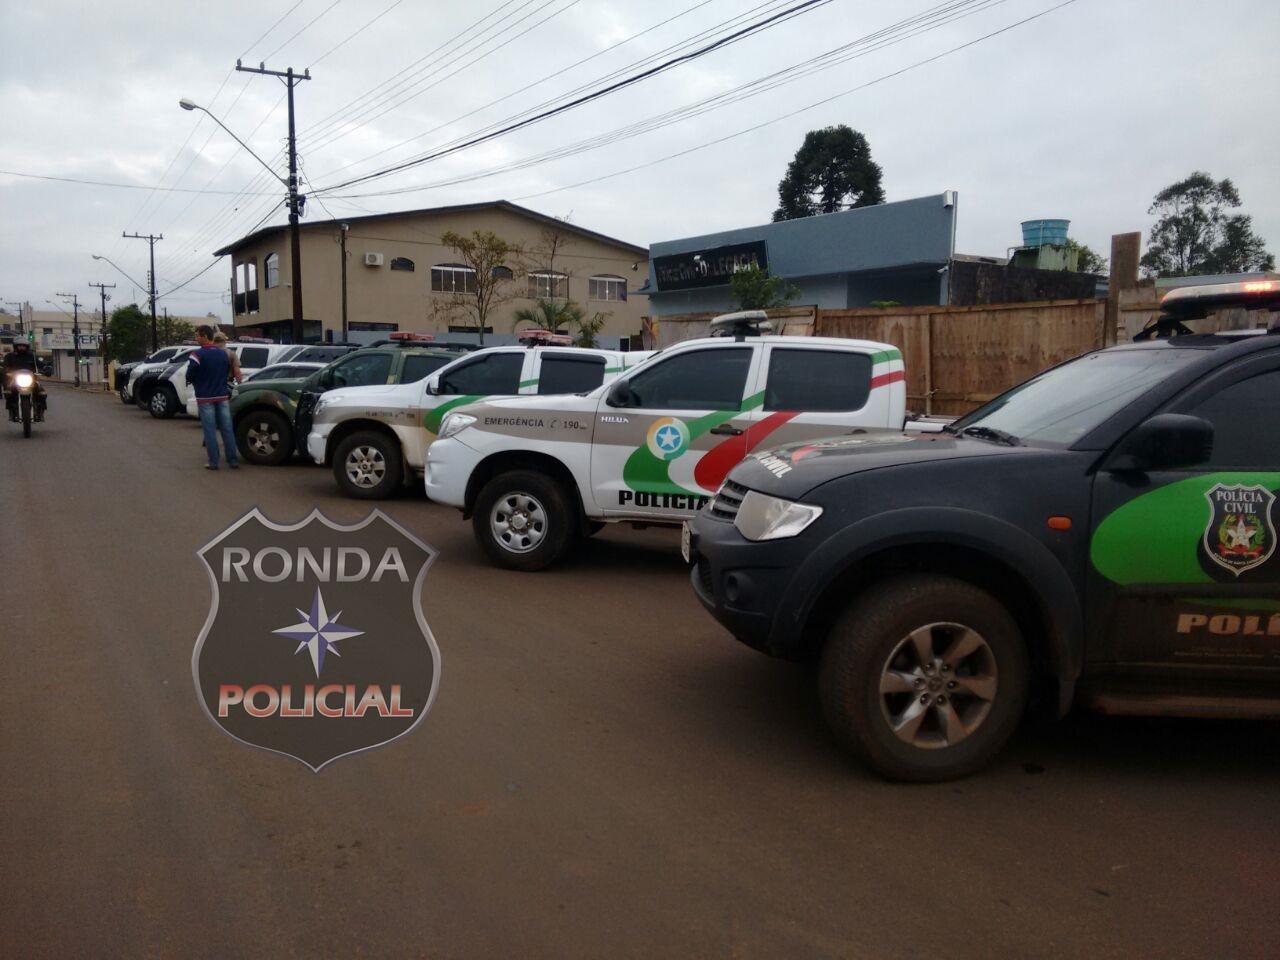 Suspeitos de roubo são detidos em operação conjunta entre polícia de SC e PR